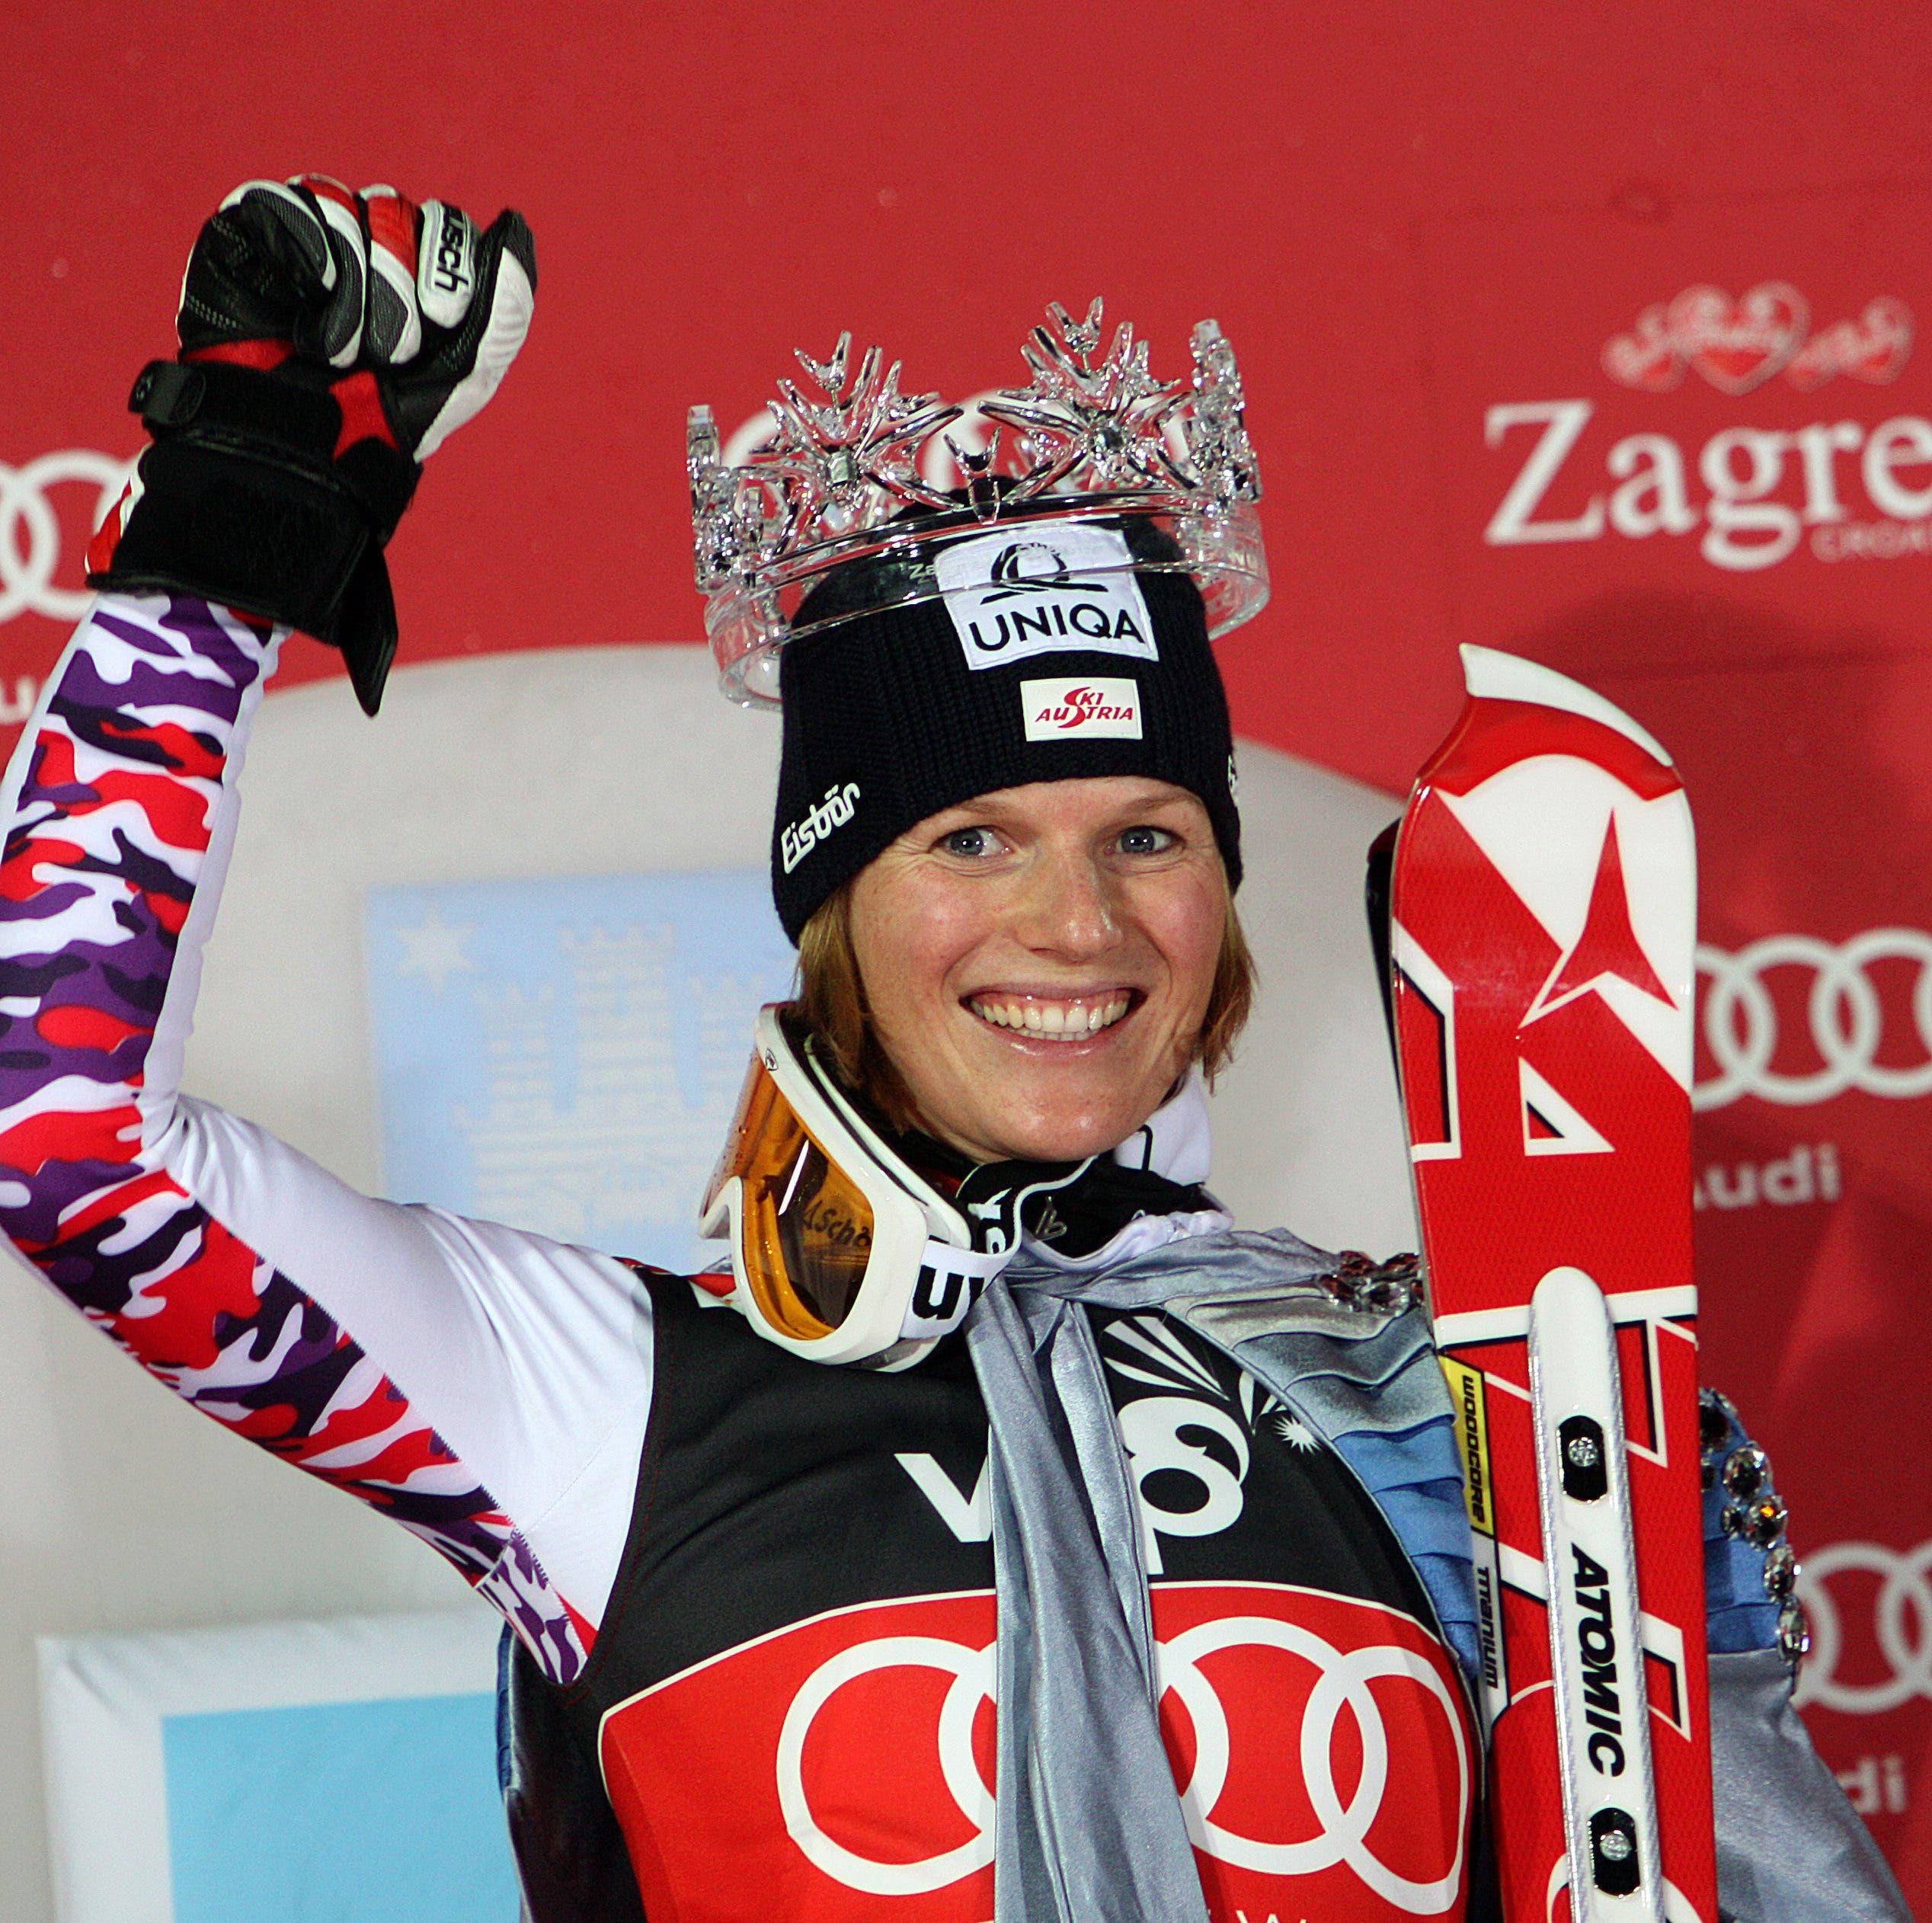 Marlies Schild: Die Österreicherin dominierte den Slalom im Weltcup über Jahre hinweg. Sie feierte in dieser Disziplin insgesamt 35 Siege. Die Krone als Schneekönigin von Zagreb durfte sich Marlies Schild gleich viermal aufsetzen lassen – Rekord.